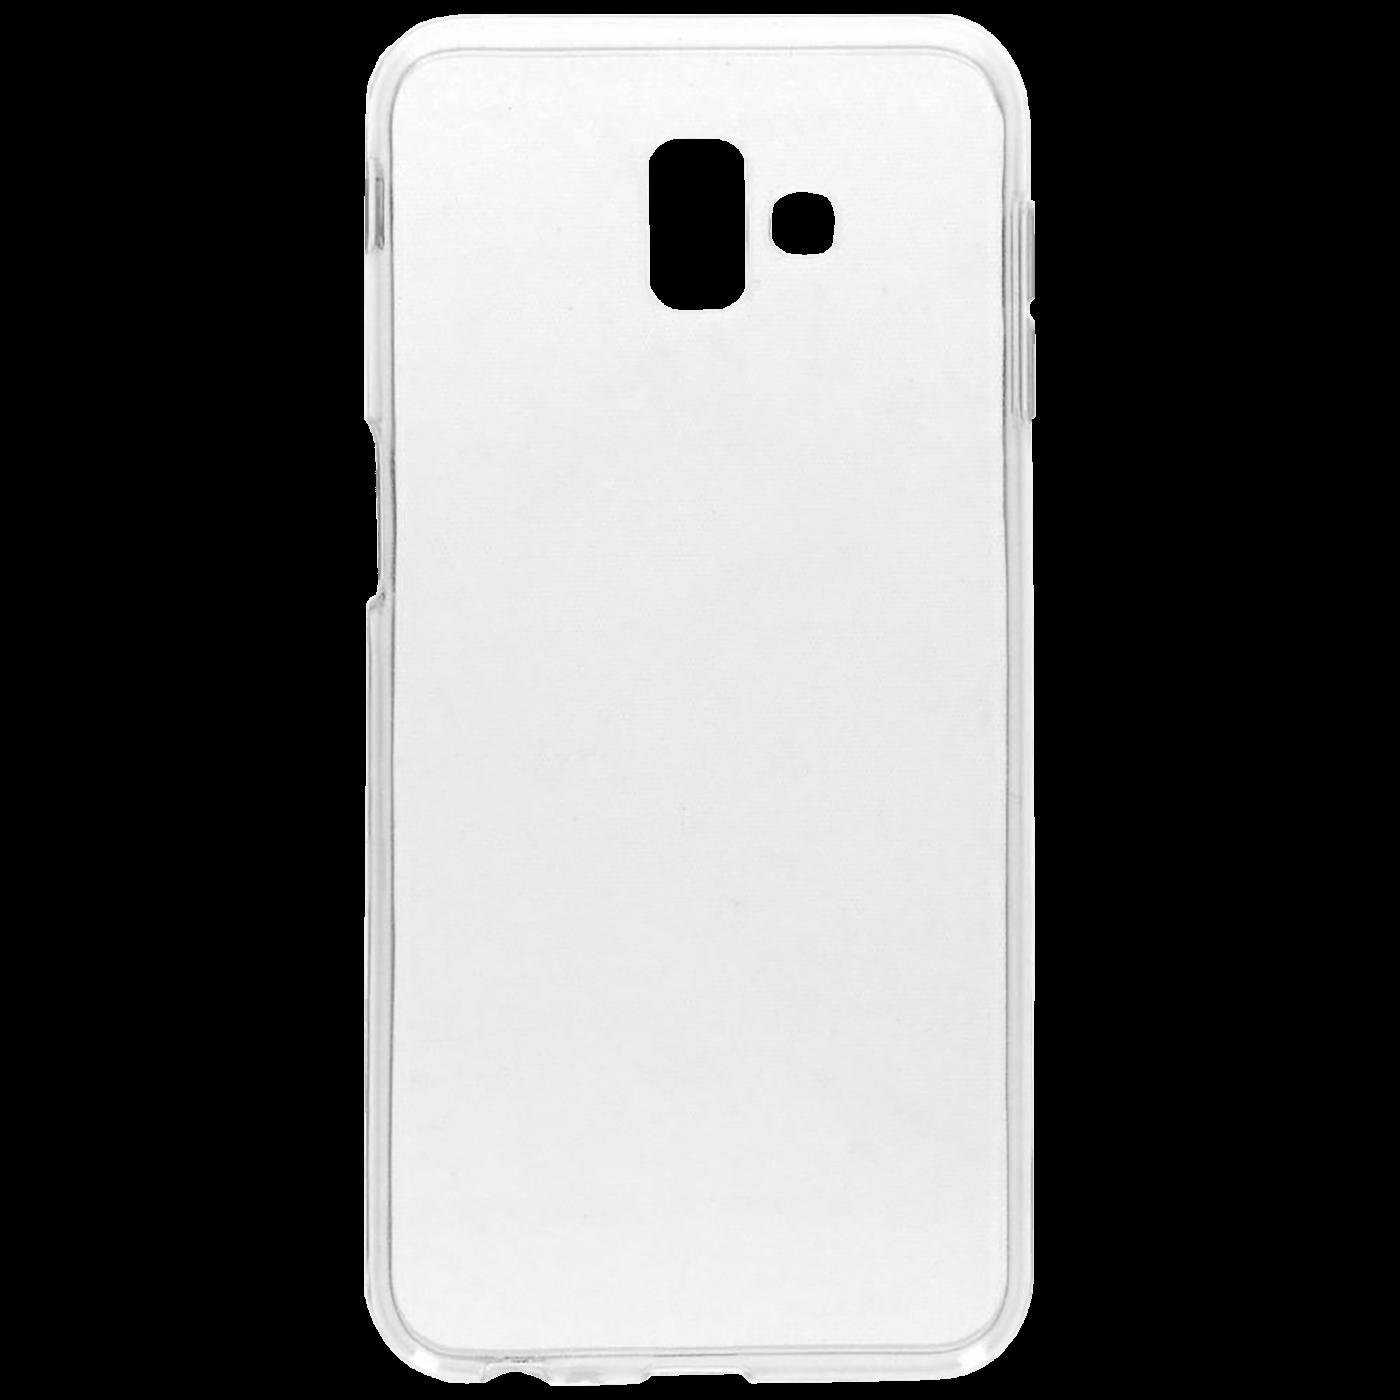 Futrola za mobitel Samsung J6, silikonska, providna